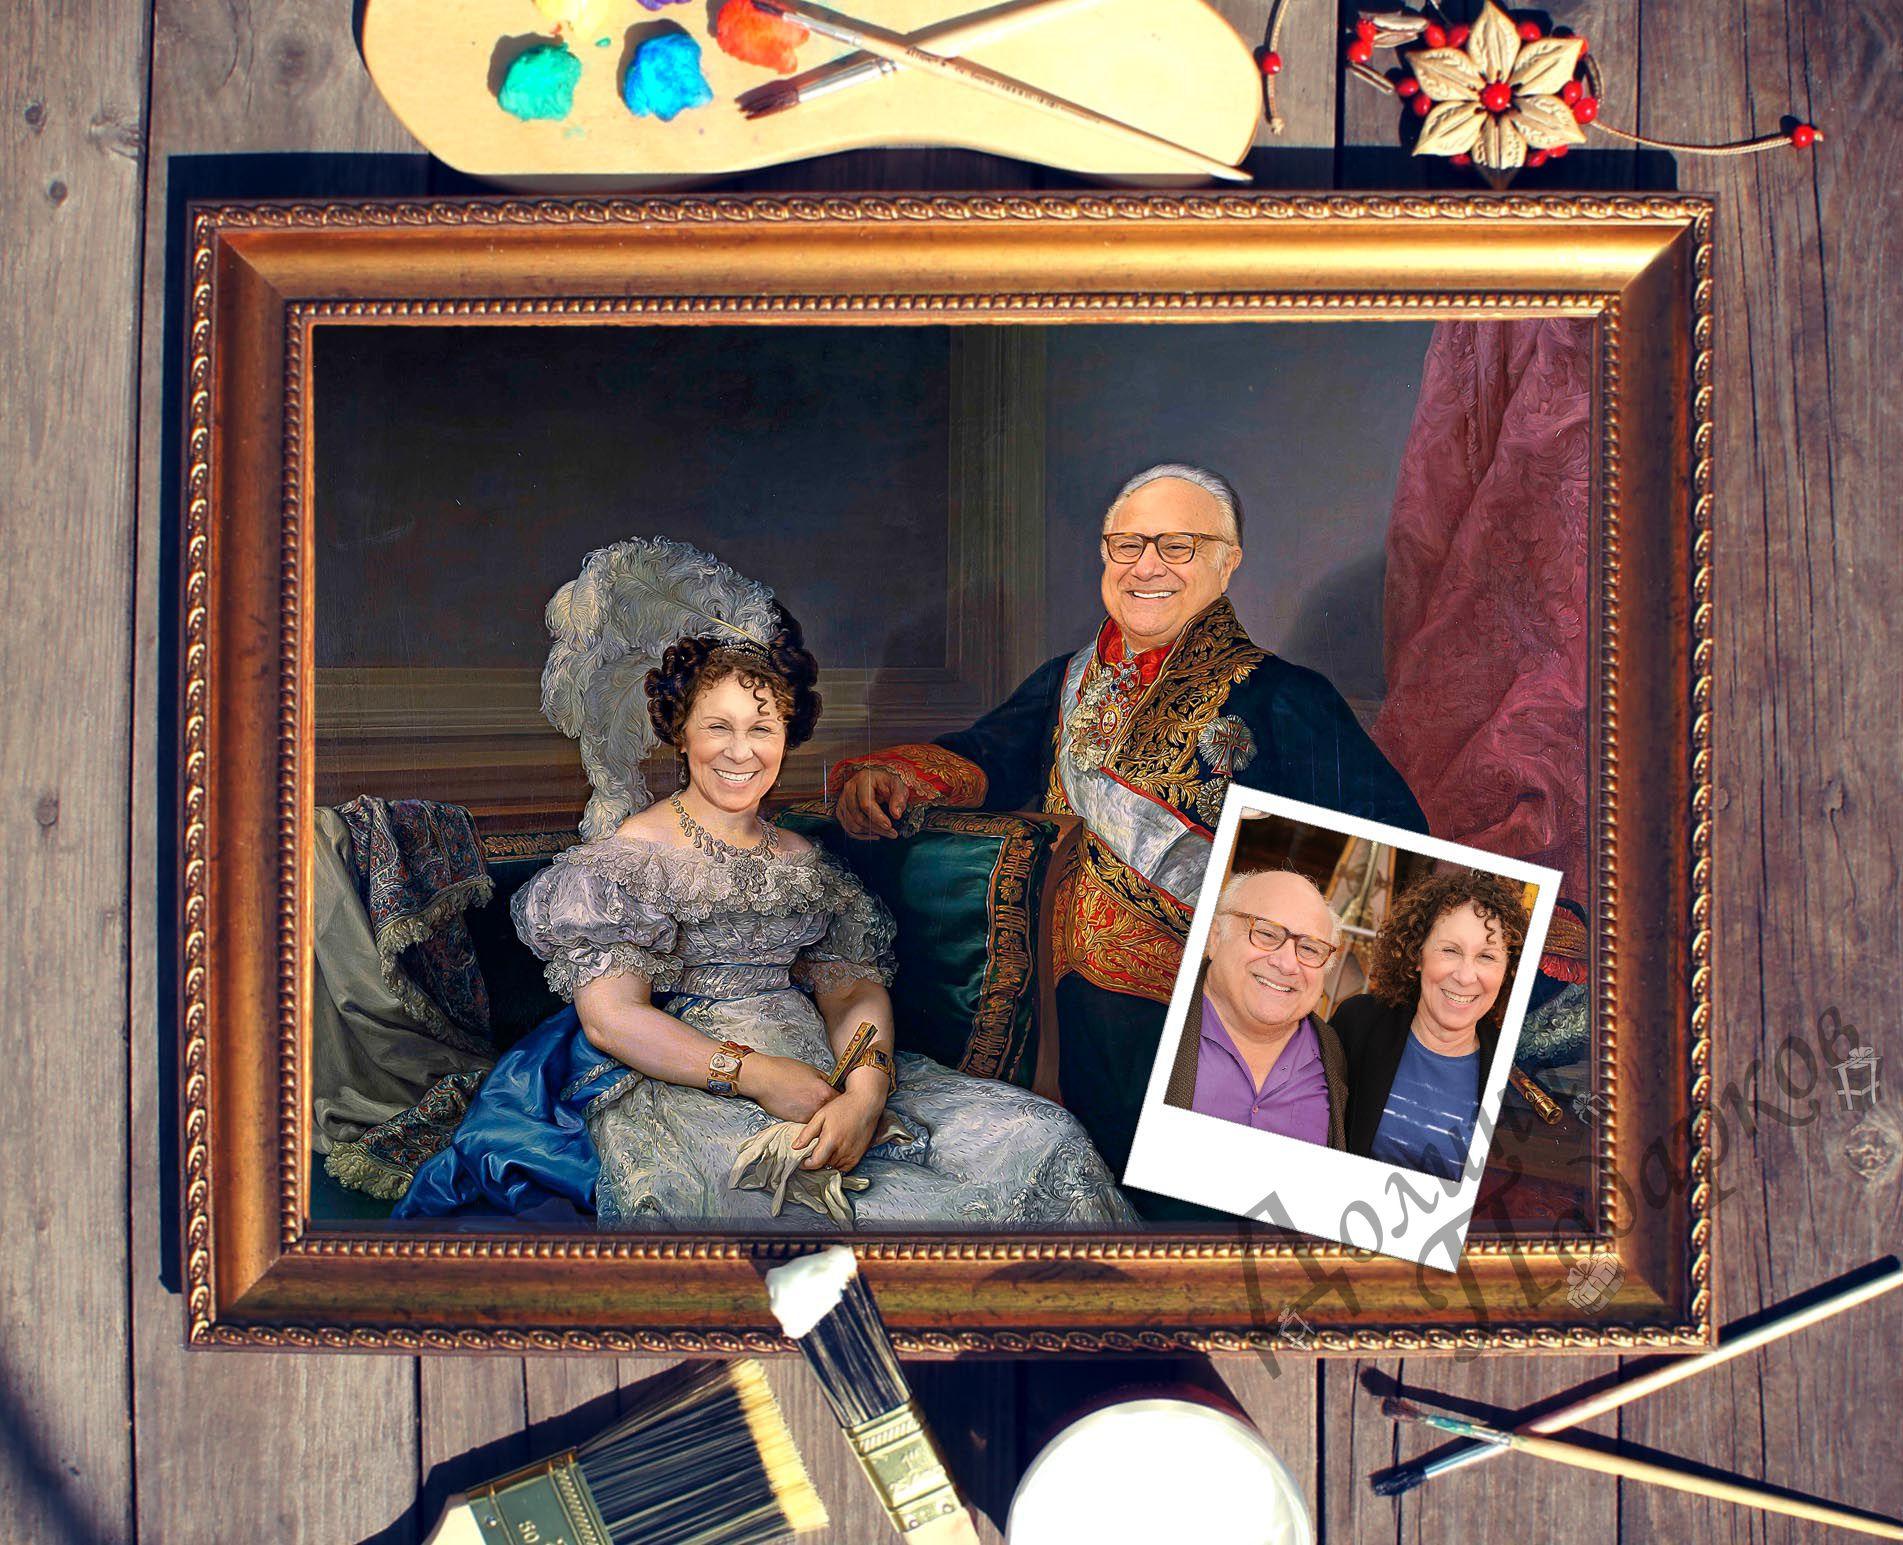 Картины портреты в подарок фото довольно невзрачный